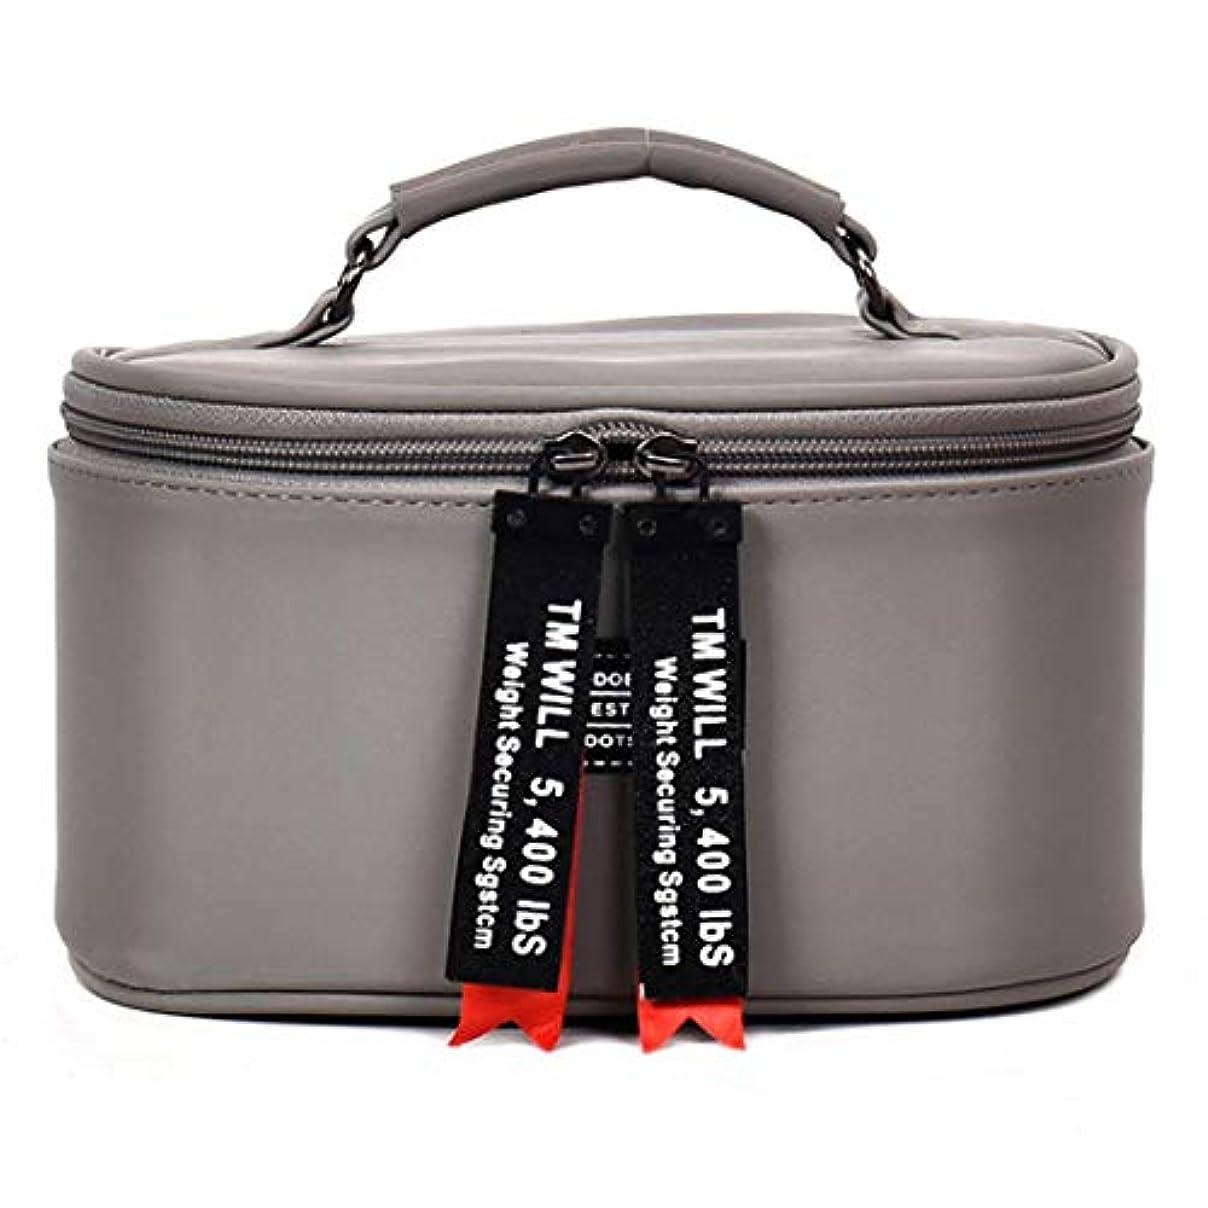 スナップ章目に見える[テンカ] メイクボックス コスメボックス 大容量 おしゃれ かわいい 化粧品収納ボックス ブランド 人気 プロ 化粧ボックス 小物入れ 化粧道具 機能的 メイクポーチ 旅行 コスメケース 女性 グレー